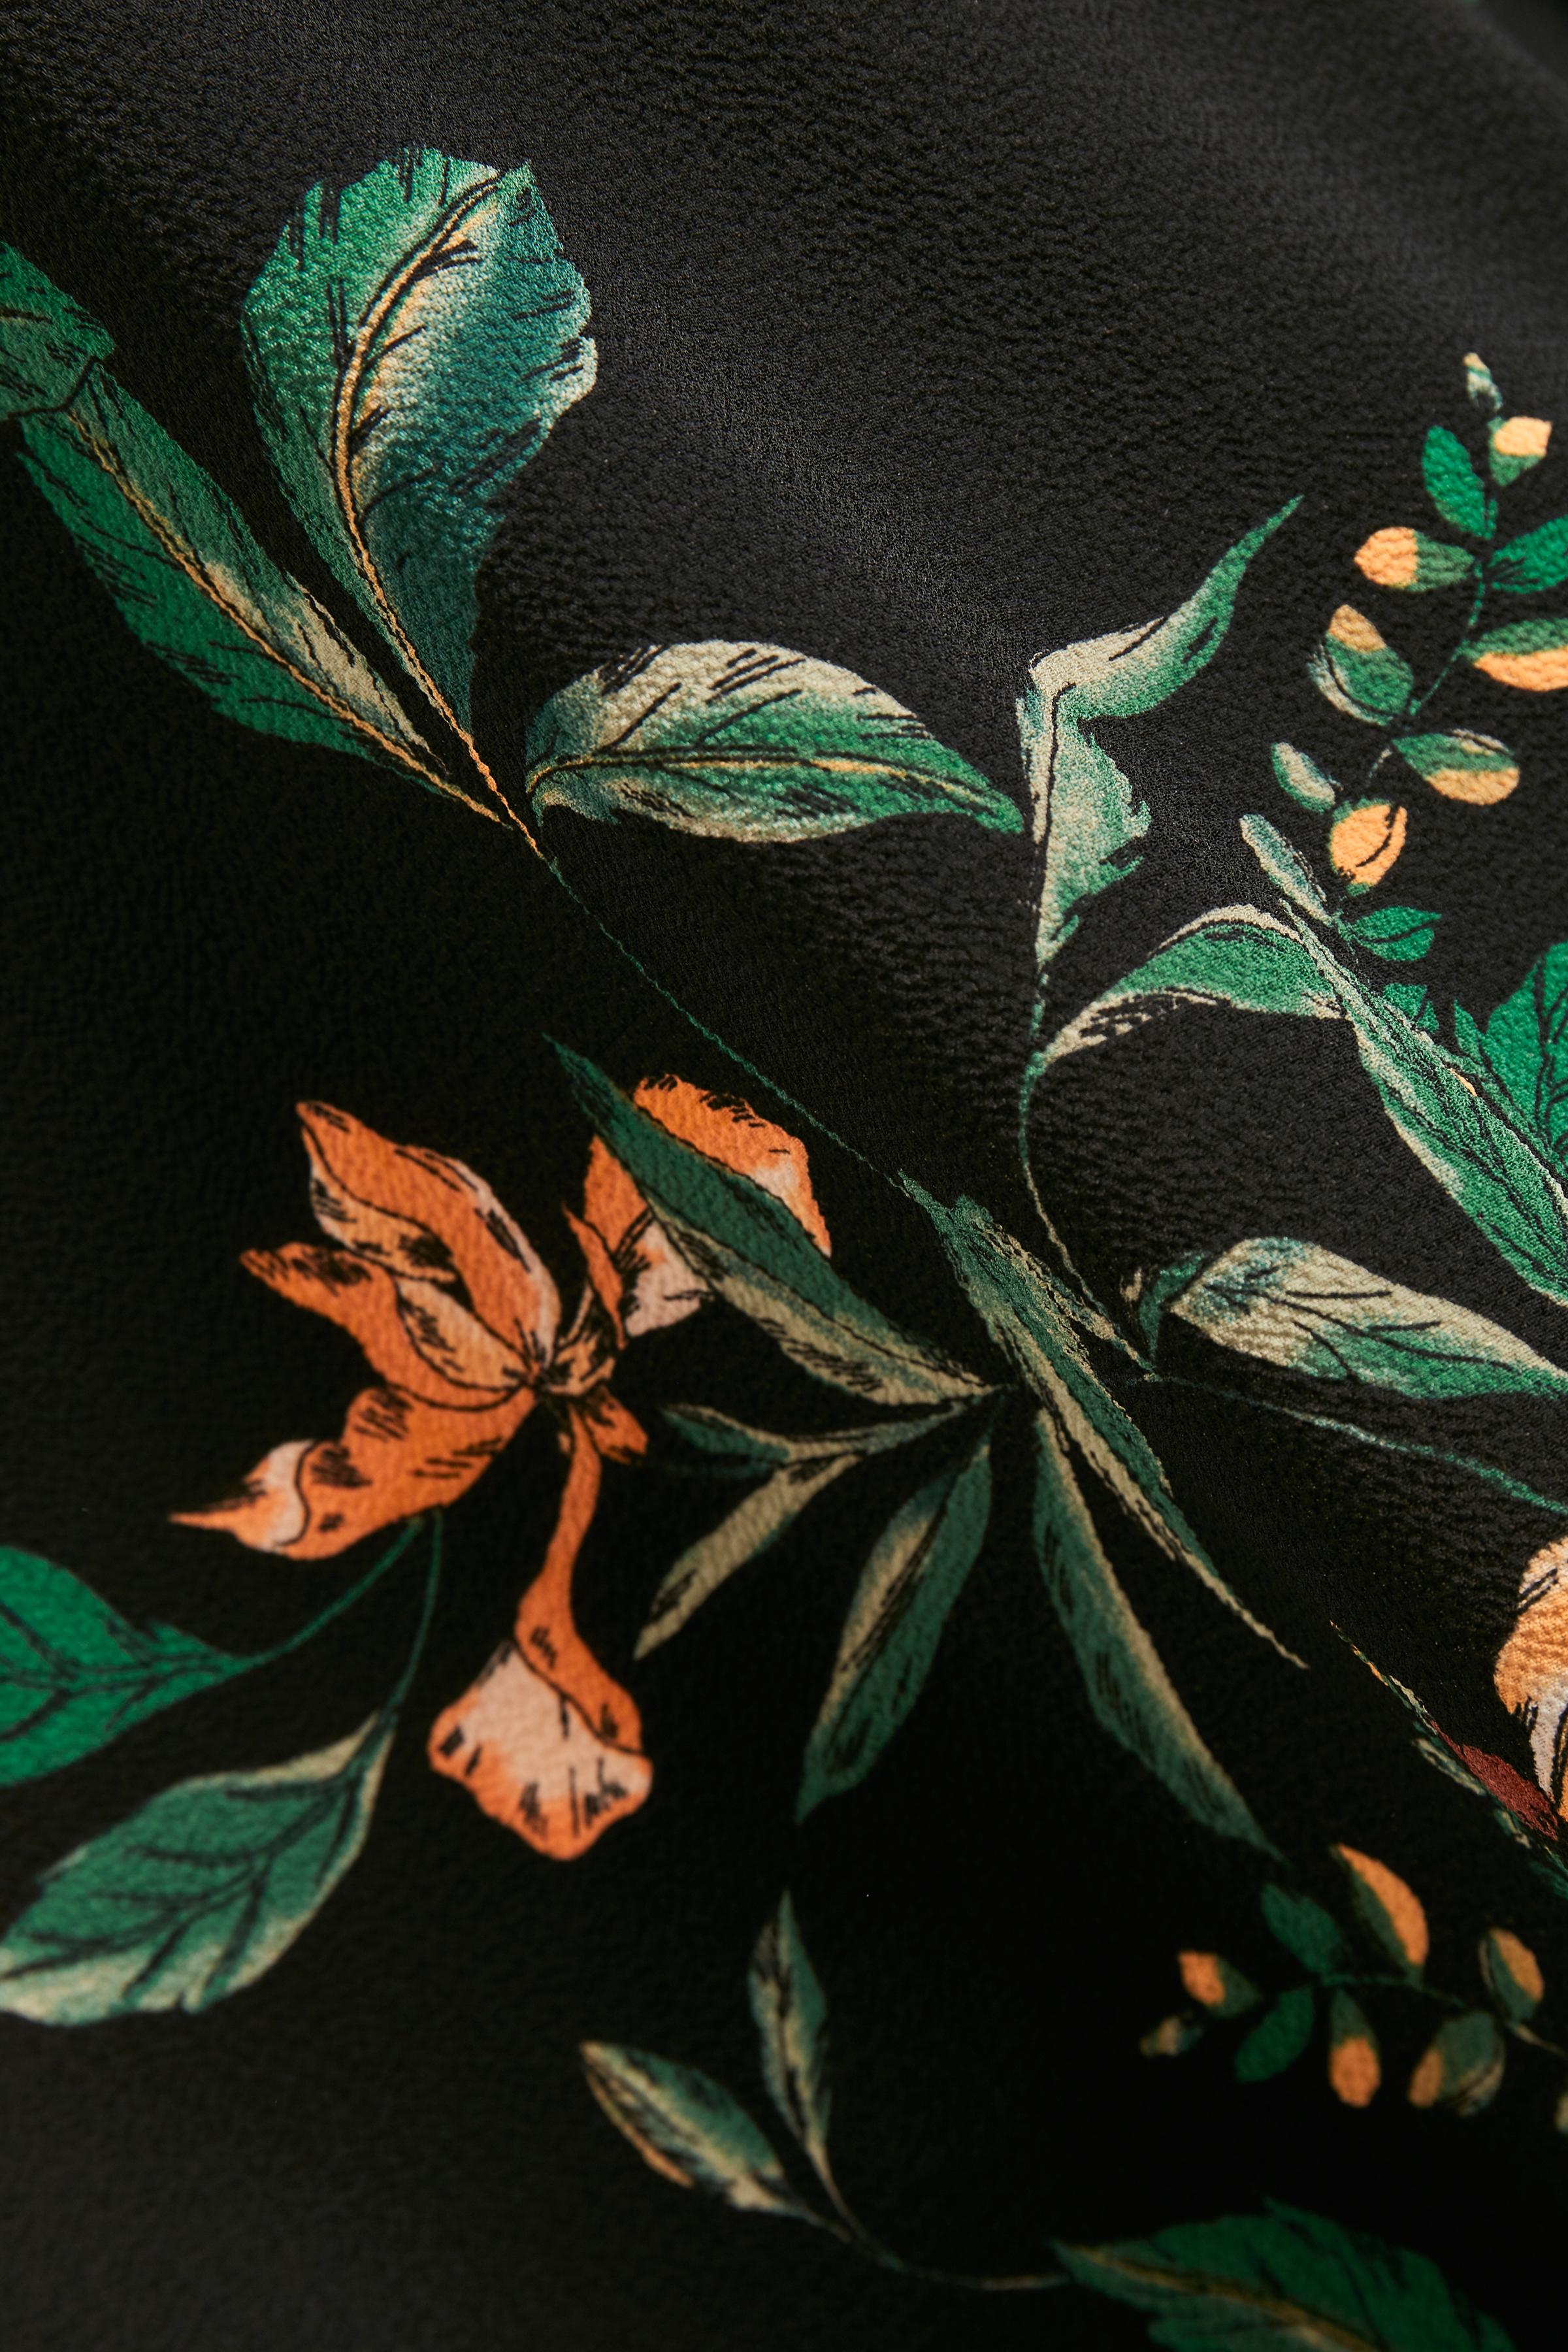 Black combi Blouse met korte mouwen van b.young – Koop Black combi Blouse met korte mouwen hier van size 34-44